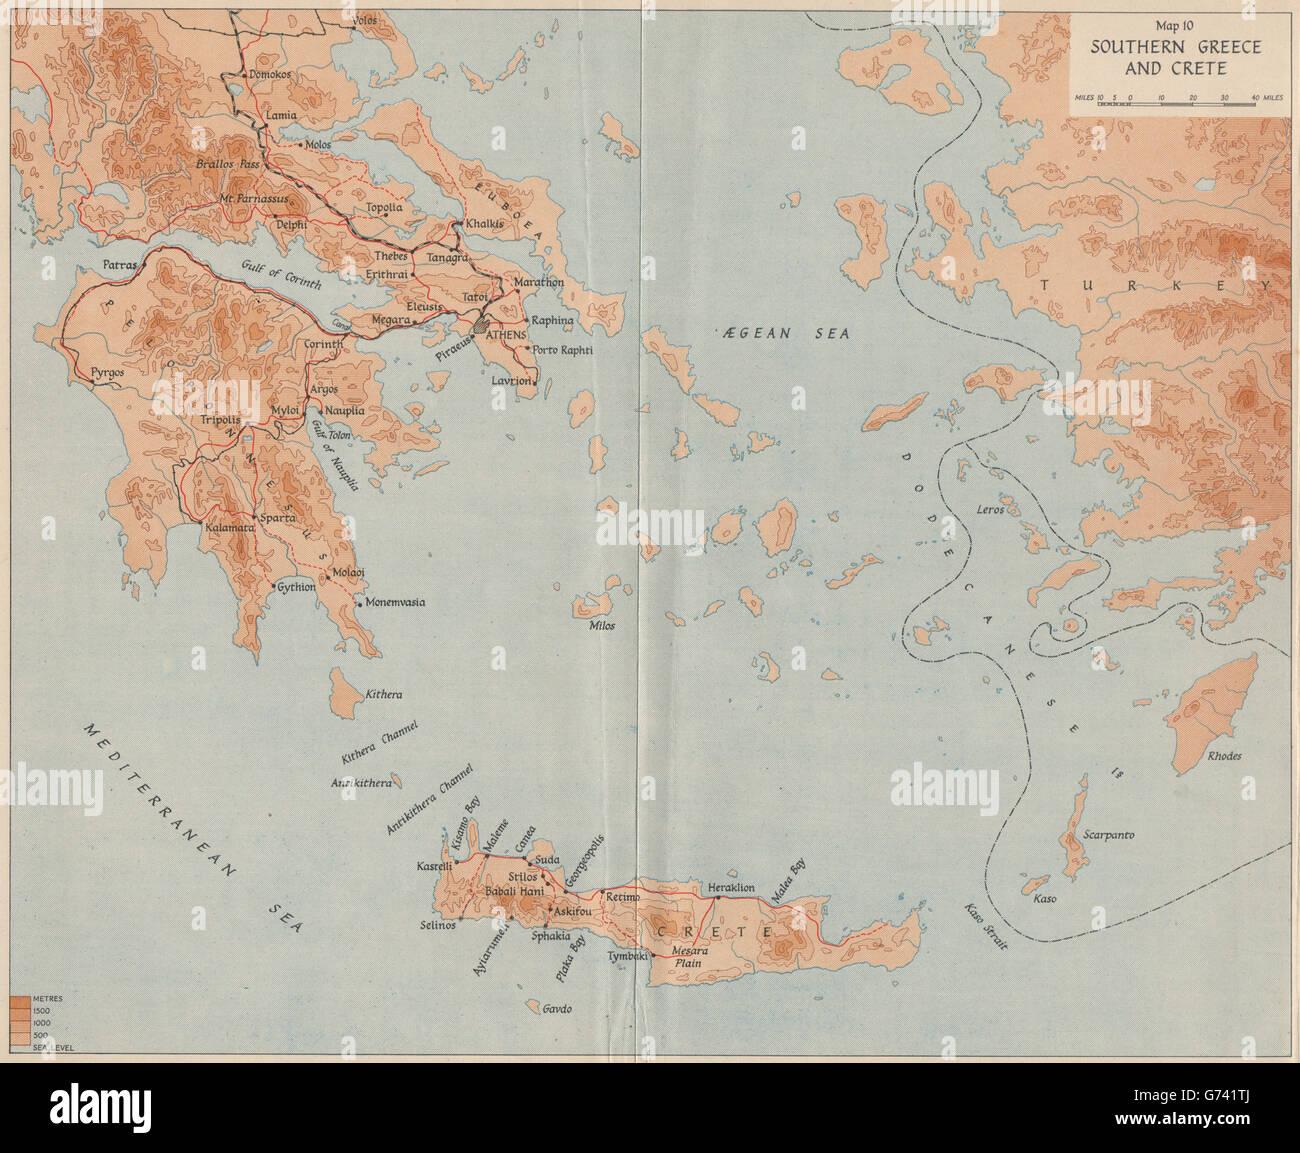 Griechenland Karte Kreta.Betrieb Marita 1941 Sud Griechenland Und Kreta 2